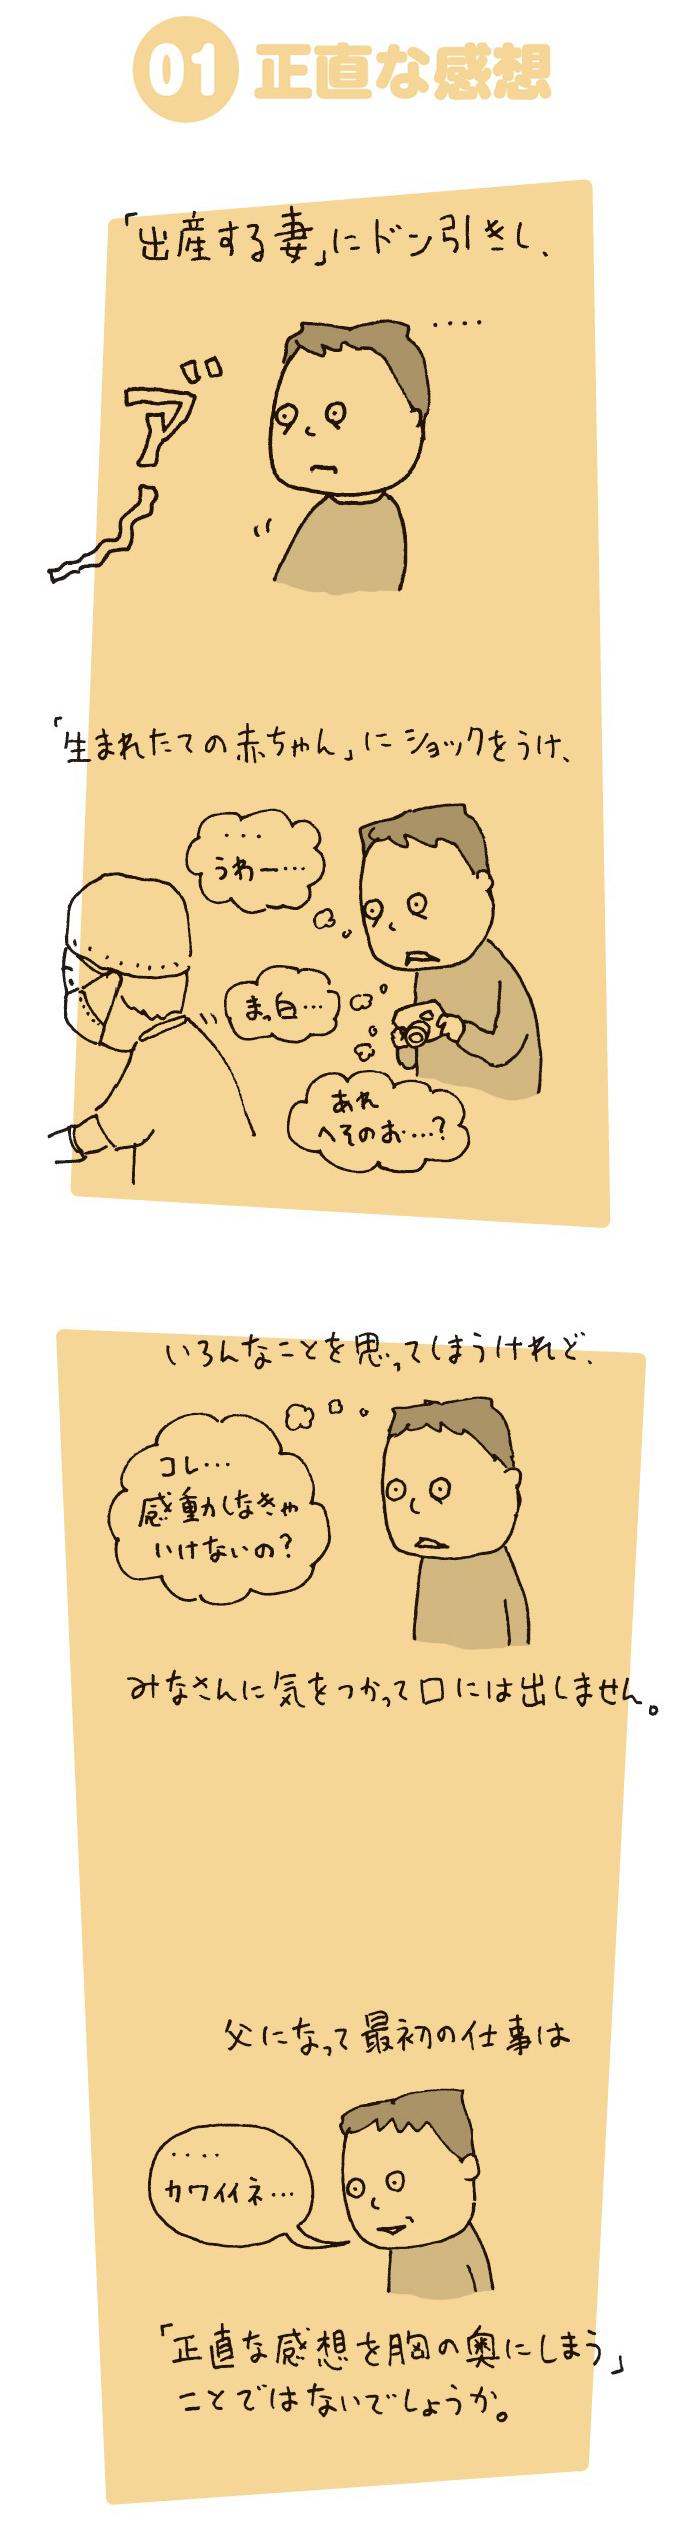 パパは共感、ママは落胆?!「ヨシタケシンスケ」さんの育児マンガが面白すぎる!の画像1